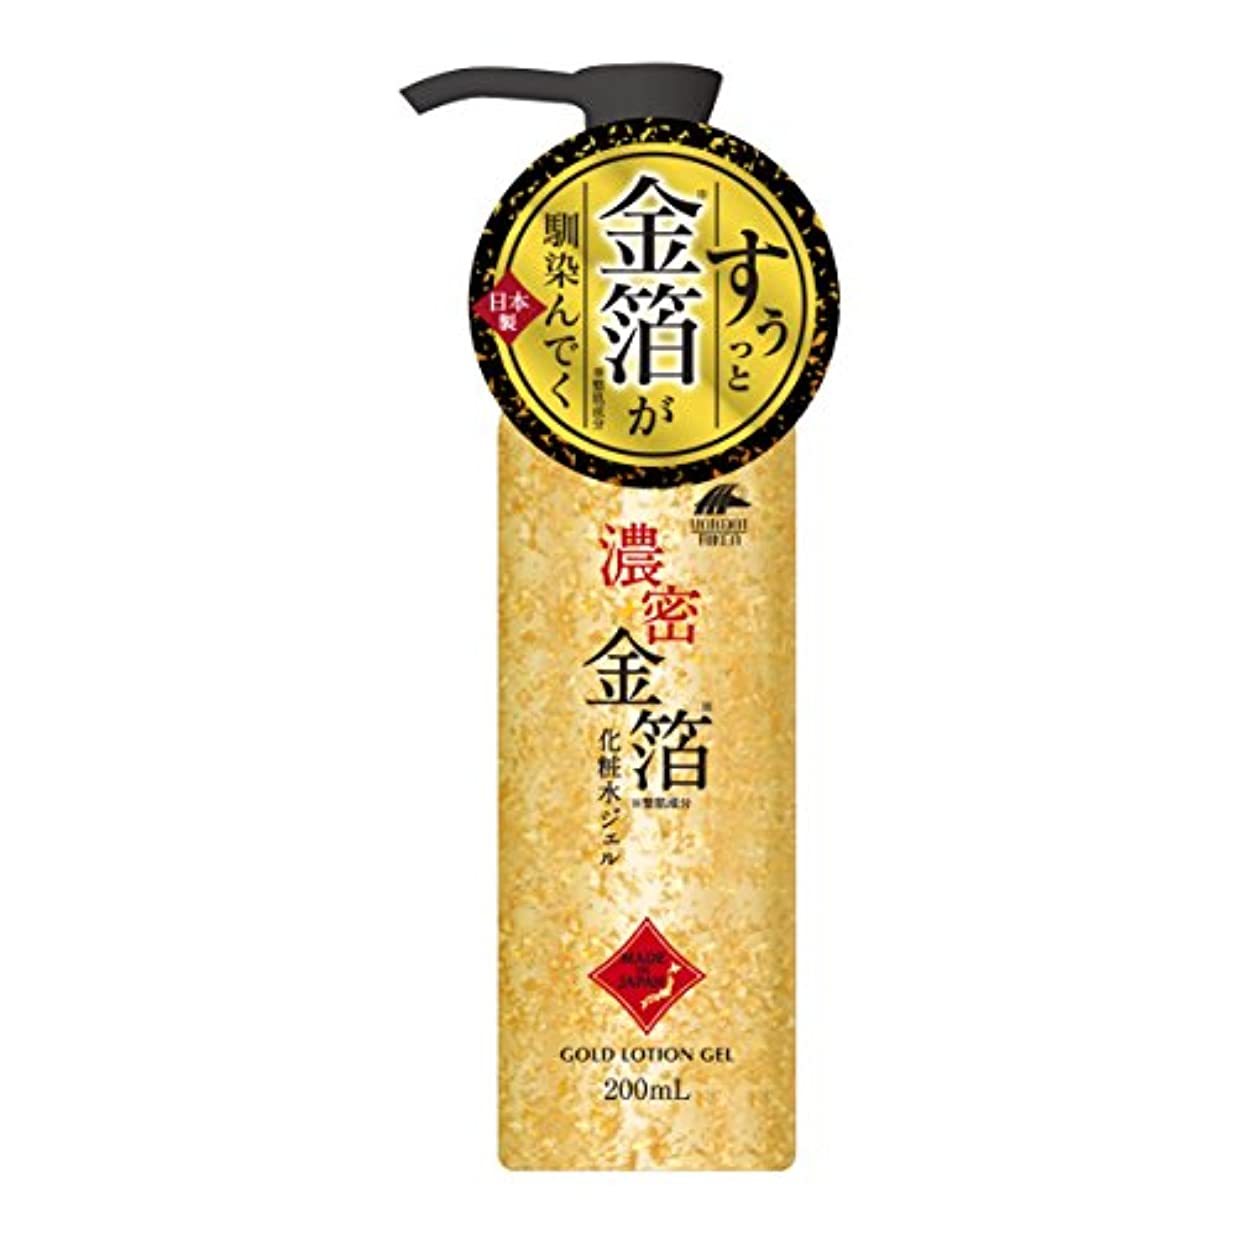 いつかゴネリル適用済みユニマットリケン 濃密金箔化粧水ジェル 200ml